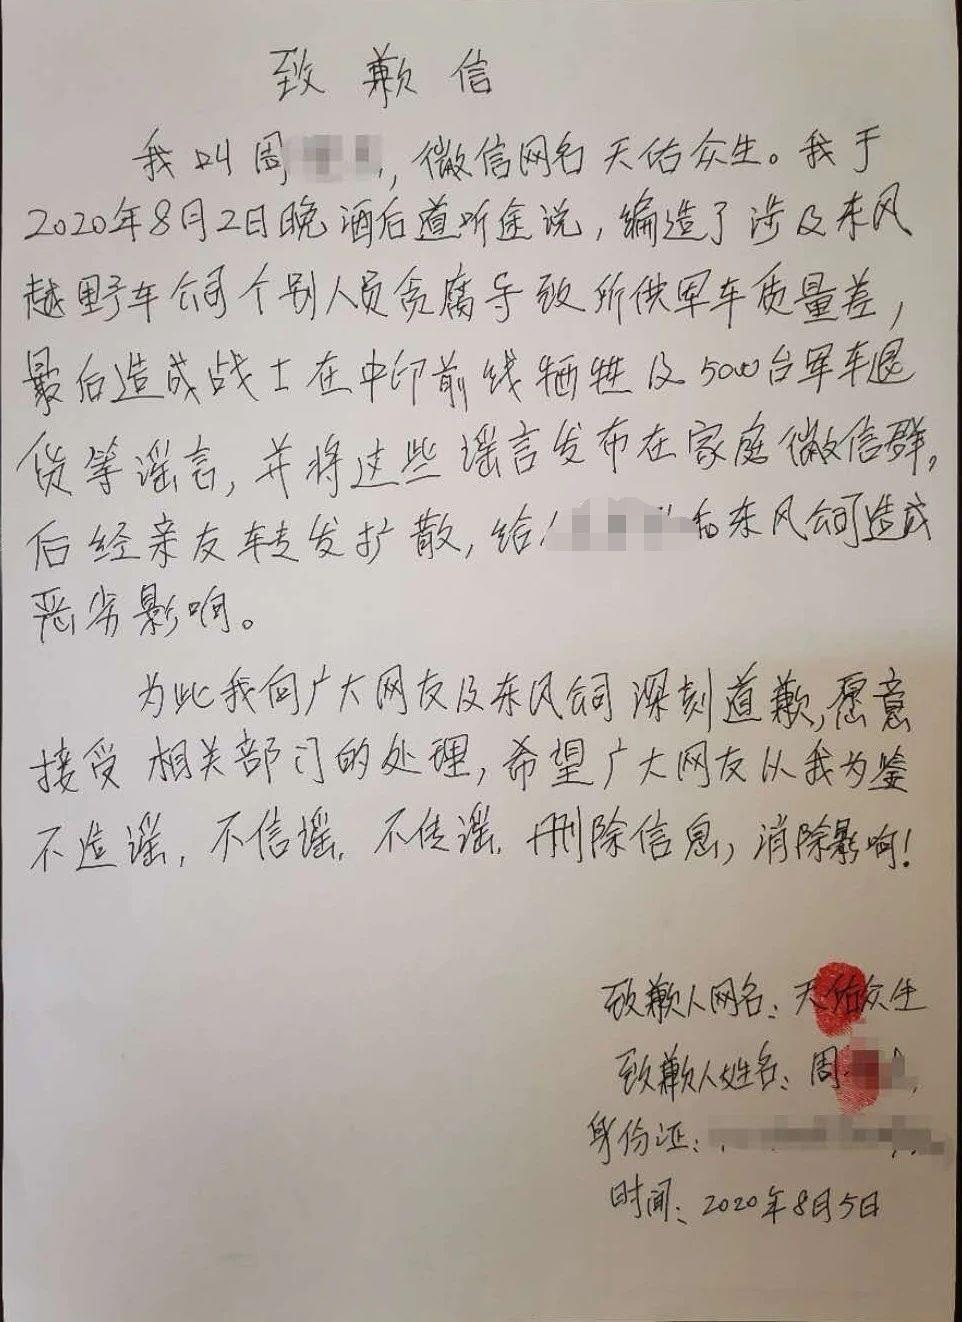 辟谣!东风特种装备事业部所产军车不存在质量问题